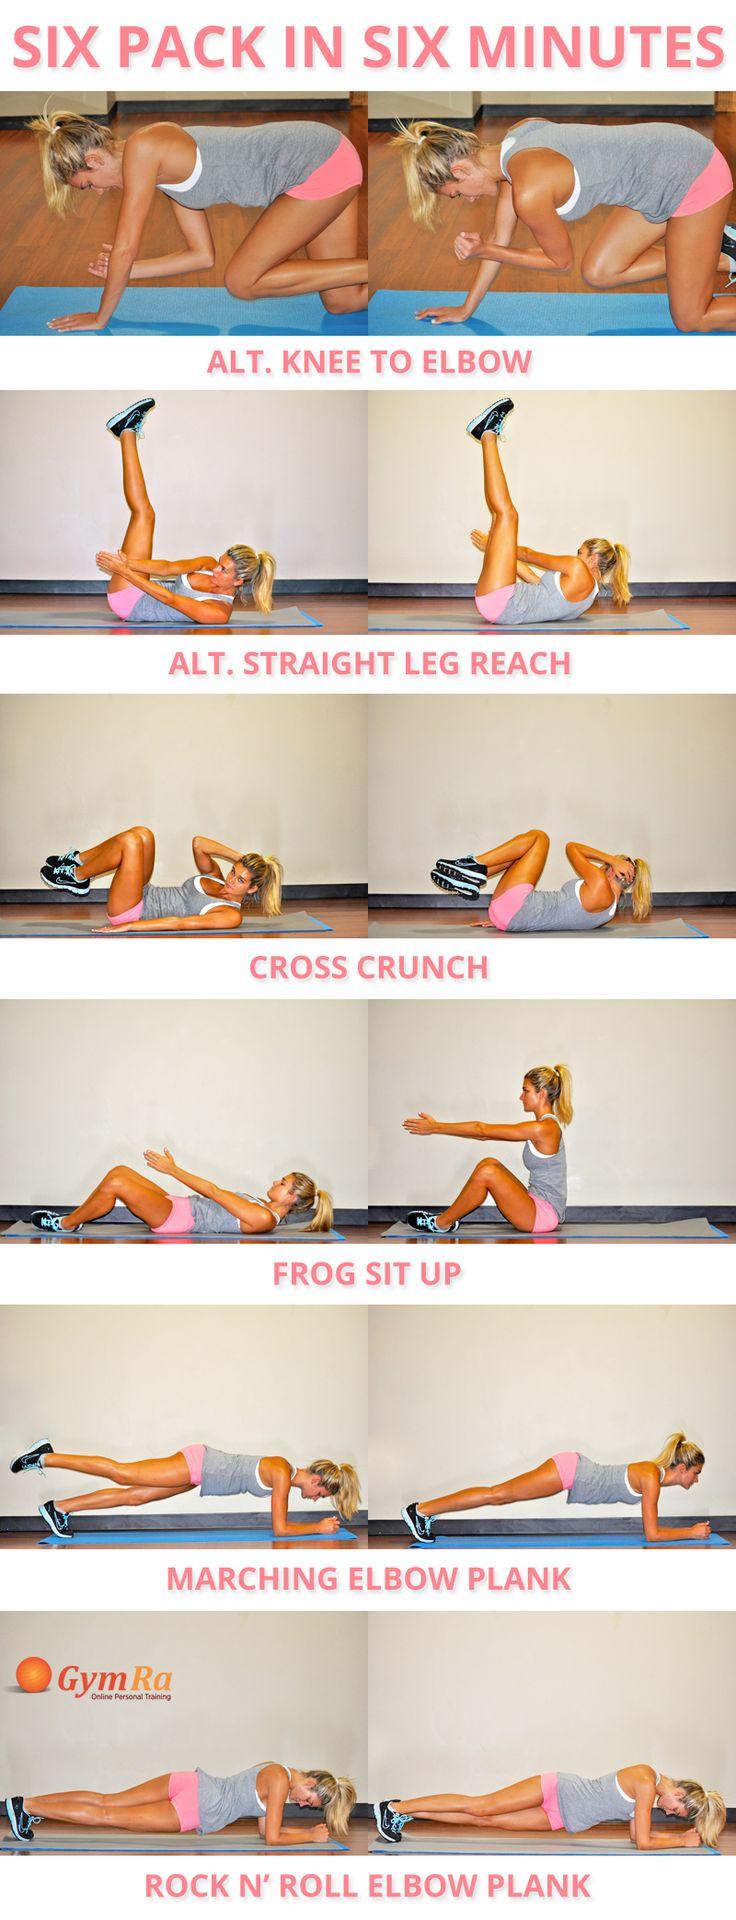 Boob handle exercises